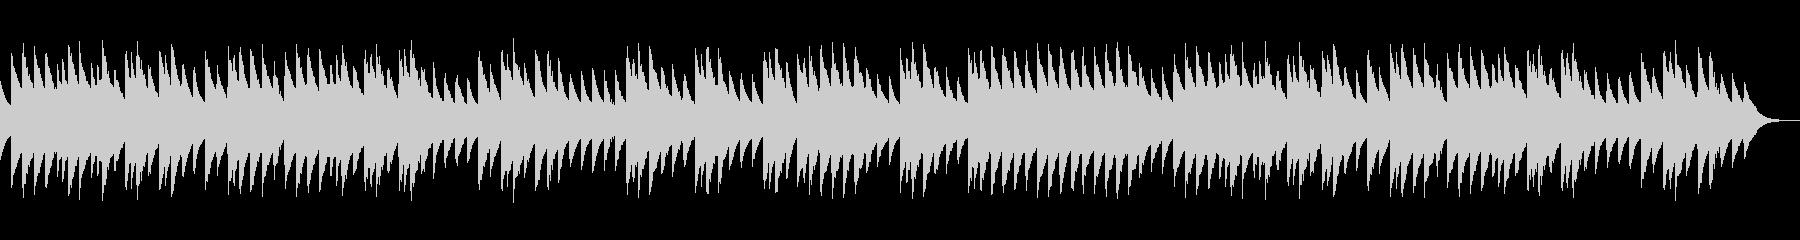 ほのぼのとした三拍子のオルゴール曲の未再生の波形